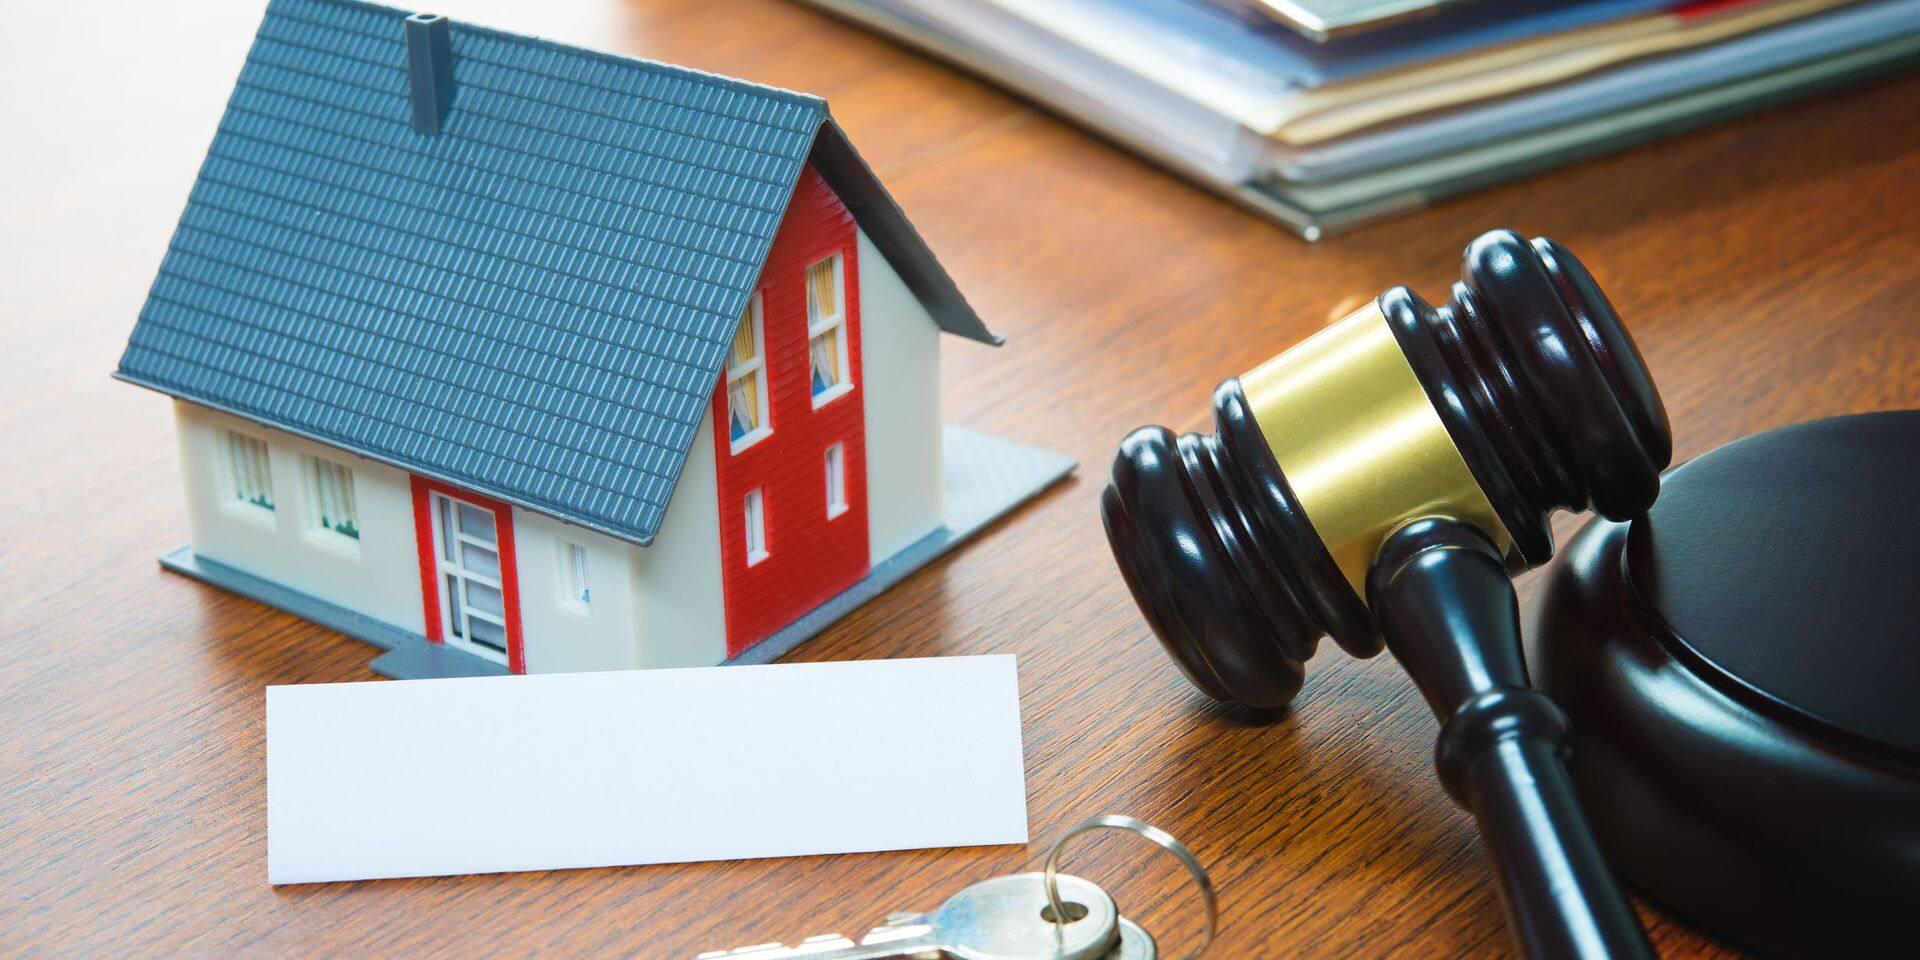 """Une réforme du droit des biens a eu lieu: """"Les nouvelles règles contribuent à éviter les conflits entre voisins"""""""